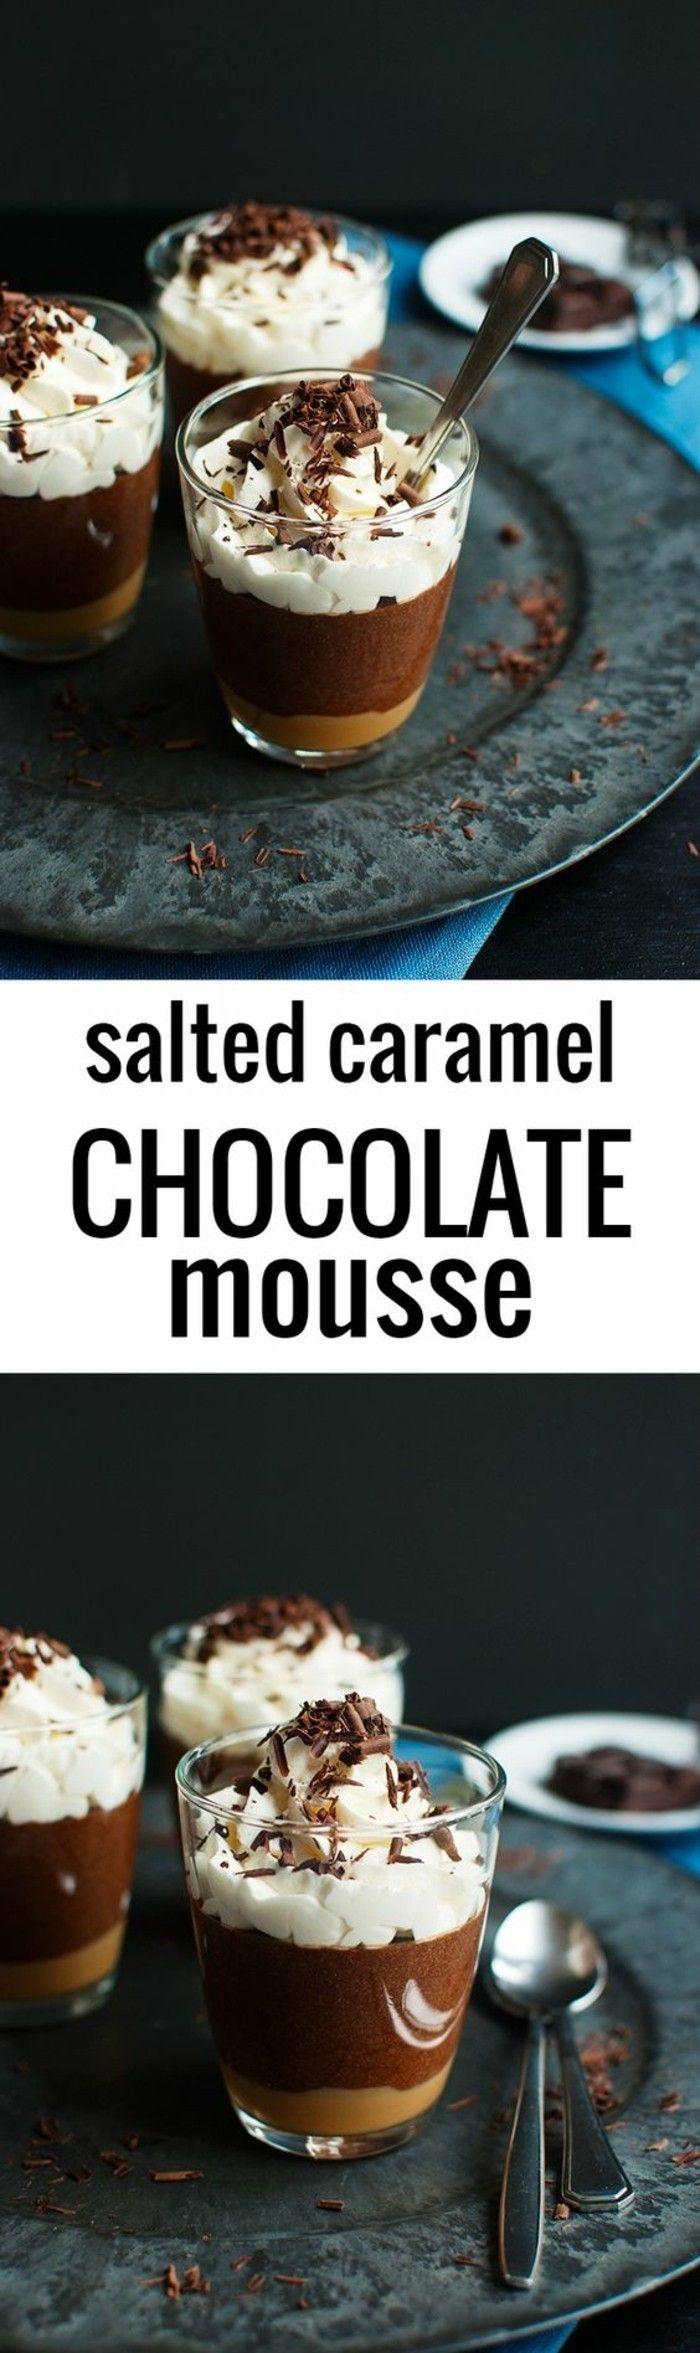 1001 id es de desserts et conseils comment faire du caramel culinaire pinterest caramel. Black Bedroom Furniture Sets. Home Design Ideas